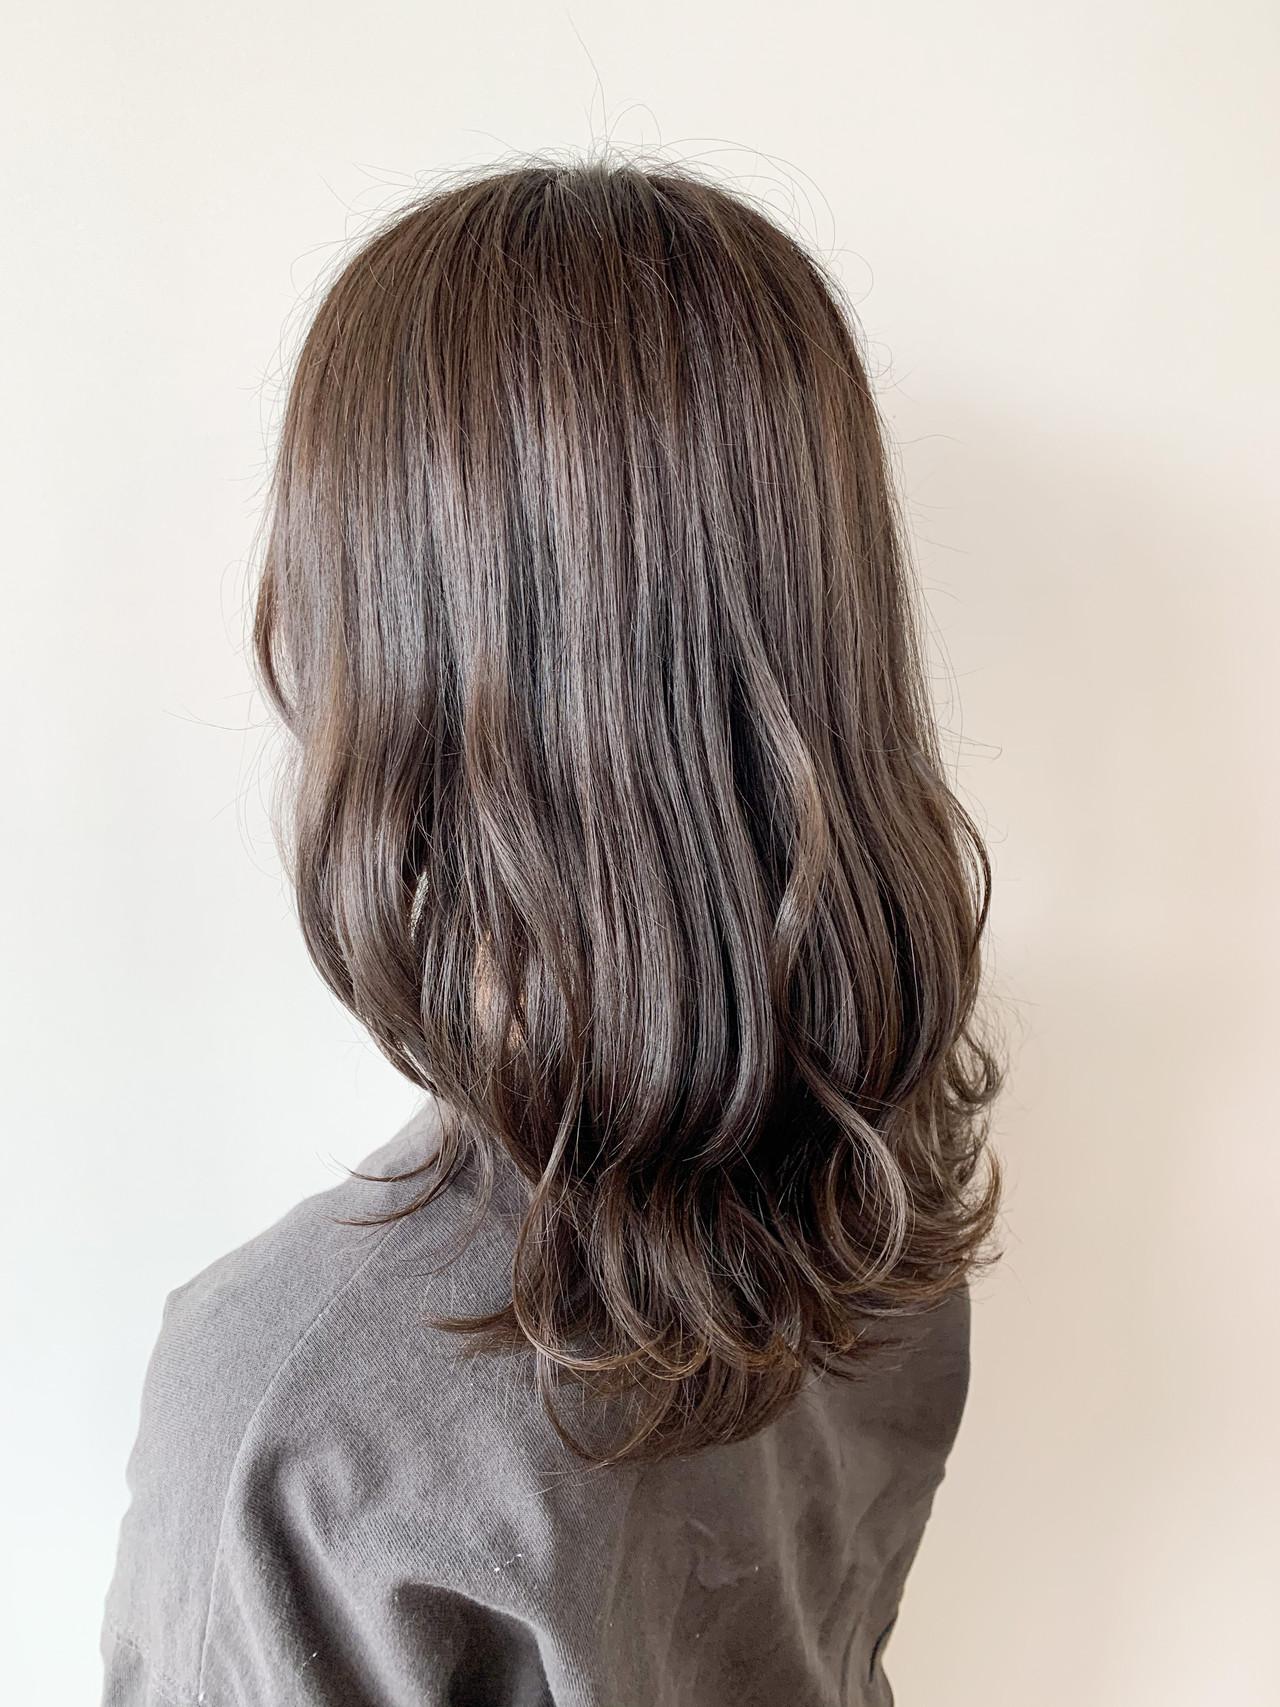 ブルージュ ハイライト アッシュグレージュ ナチュラル ヘアスタイルや髪型の写真・画像 | masaya /  Rold poire